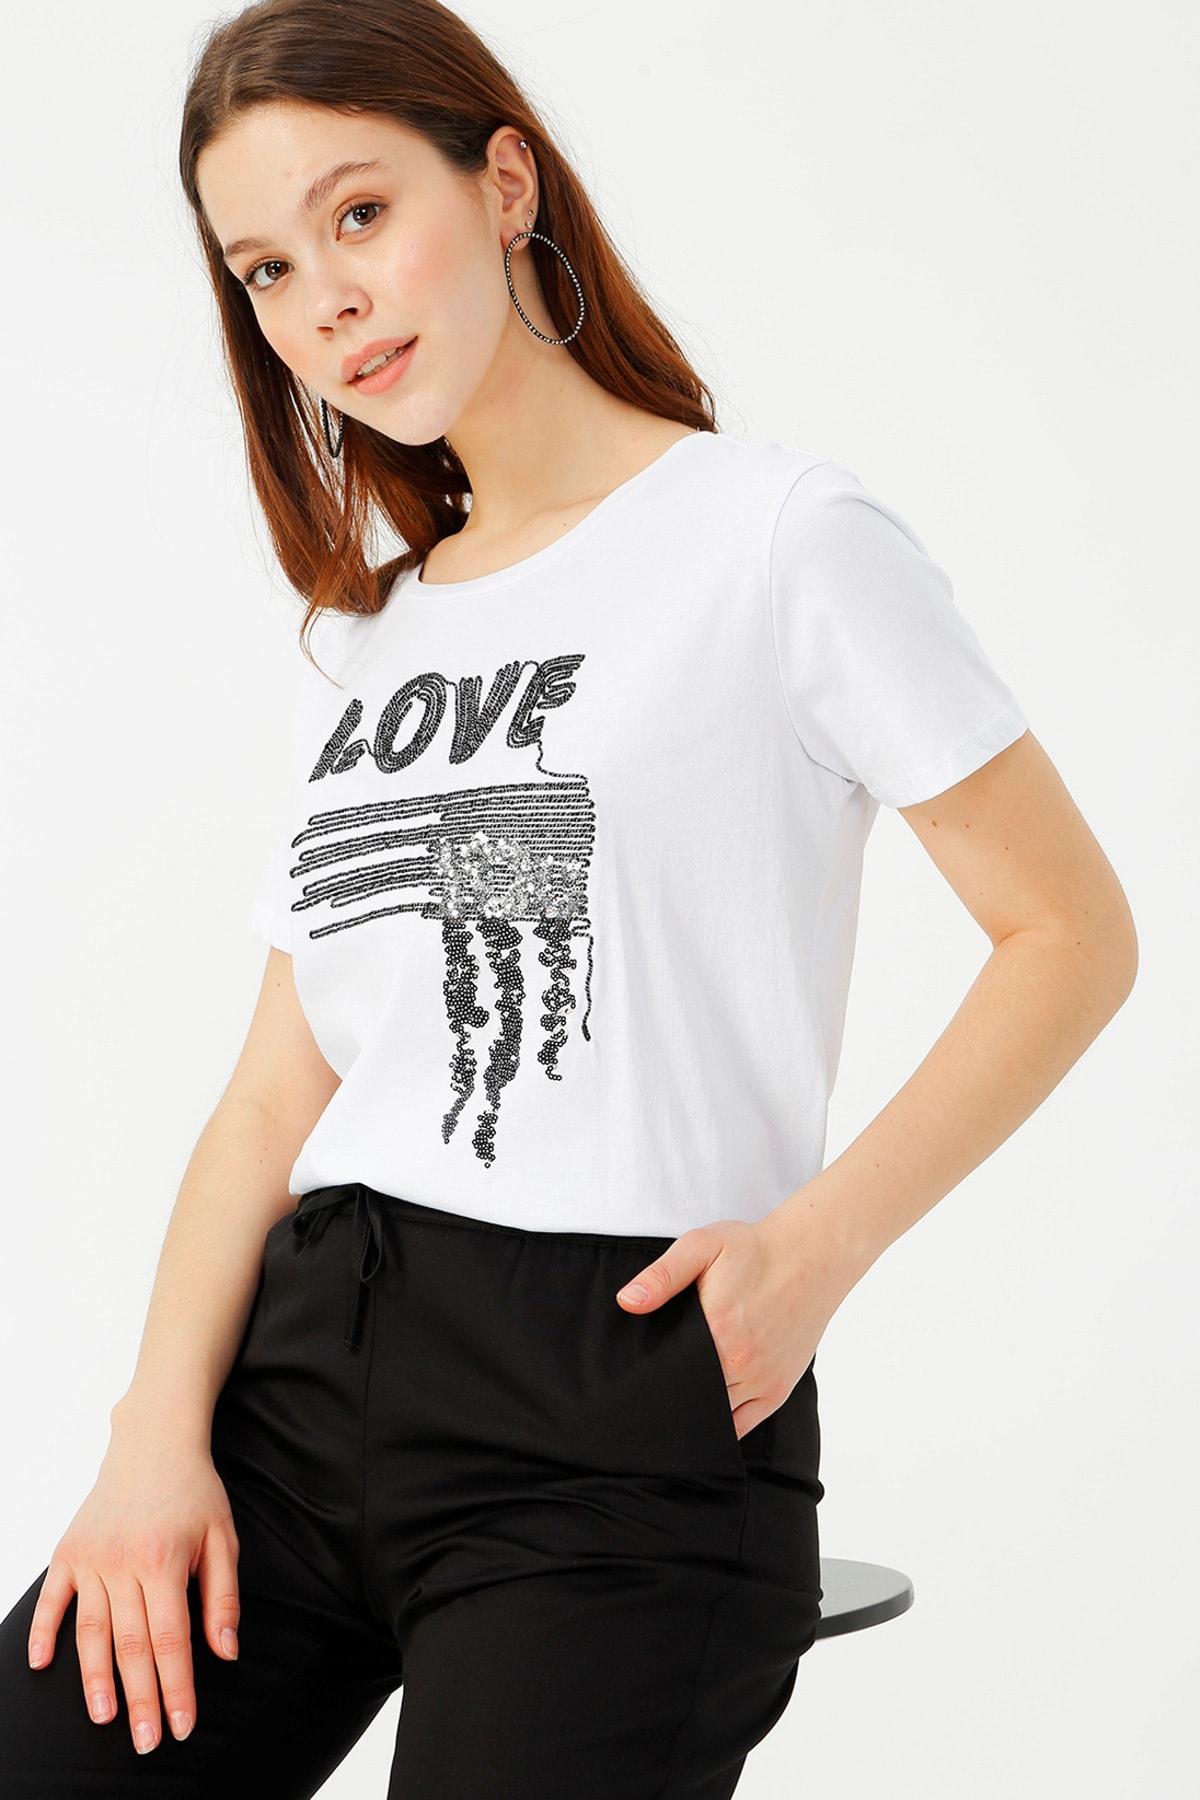 LİMON COMPANY Kadın Beyaz Tişört 504393898 Boyner 1